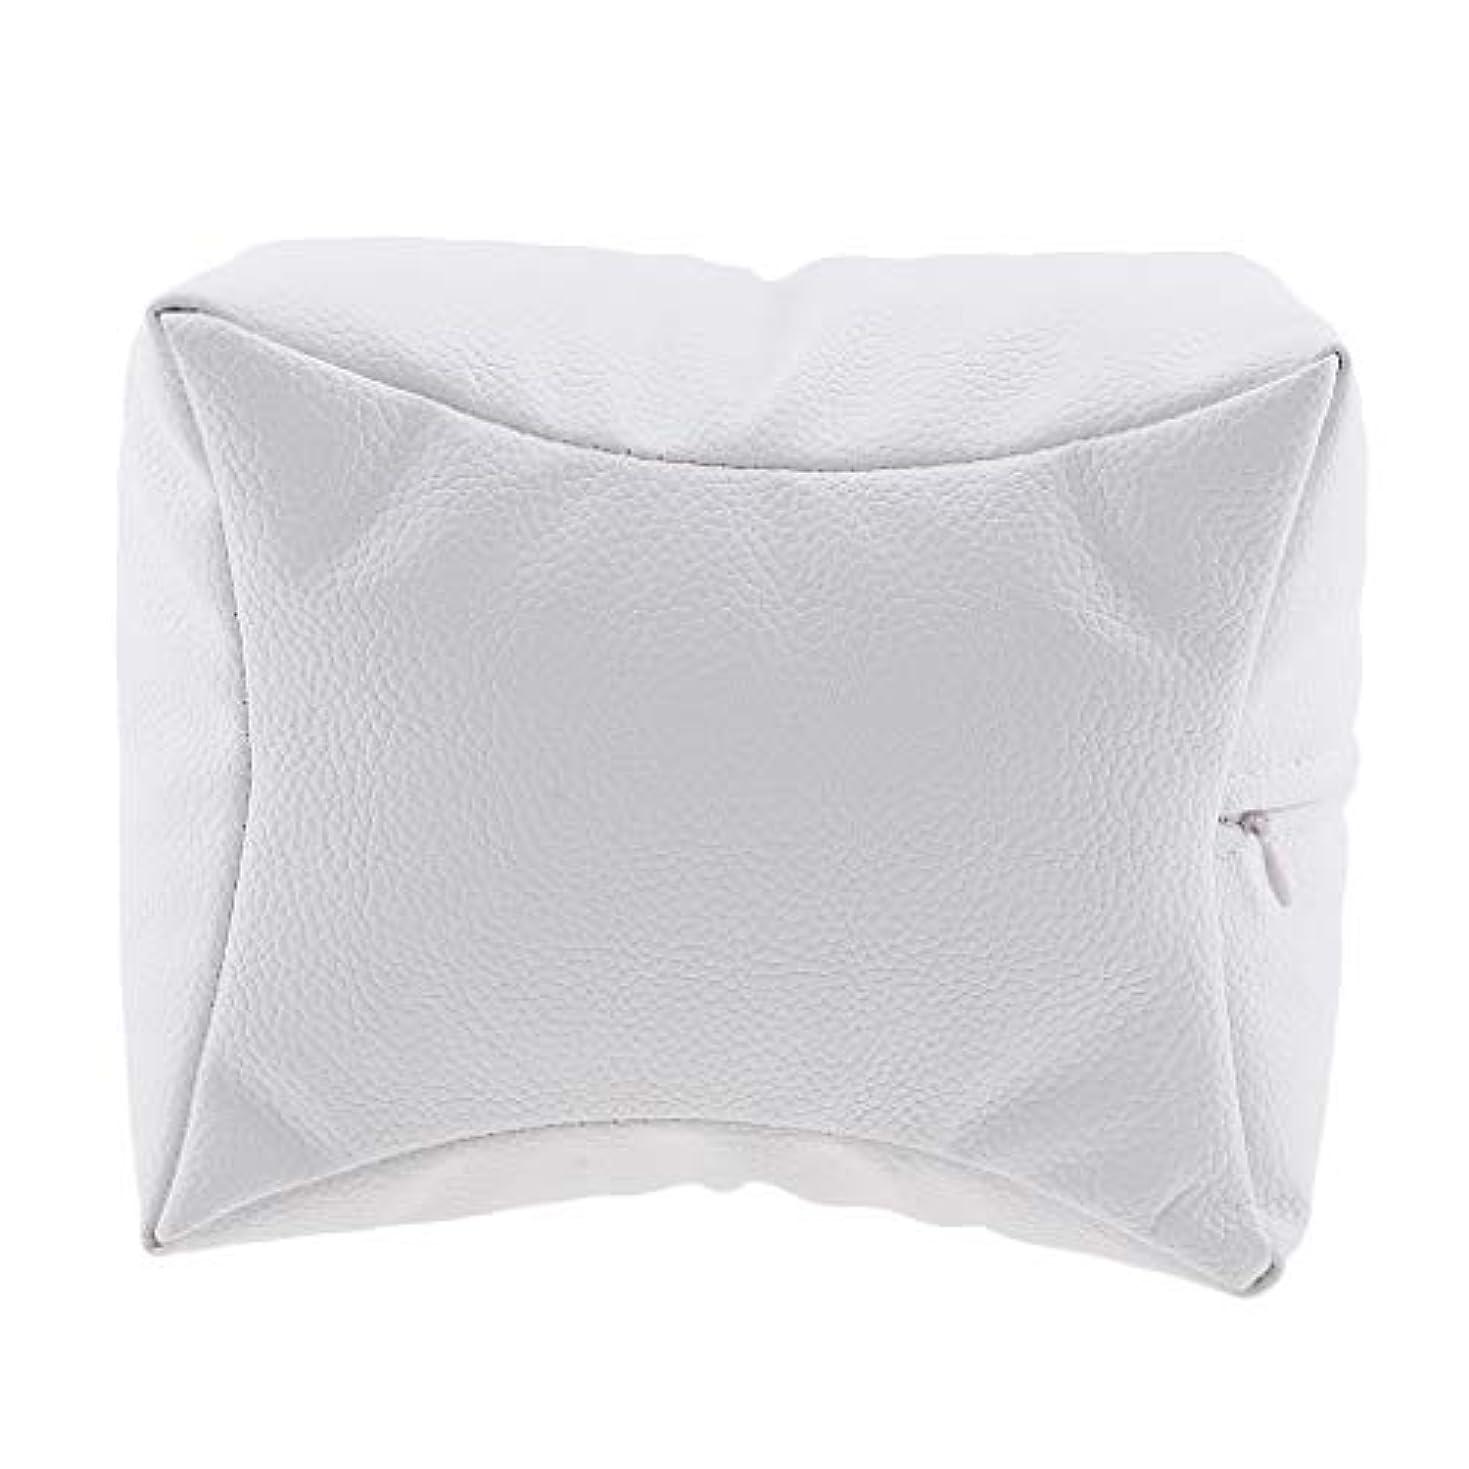 遅い展開する売り手ネイルアート 手枕 ハンドピロー レストピロー ハンドクッション ネイルサロン 4色選べ - 白